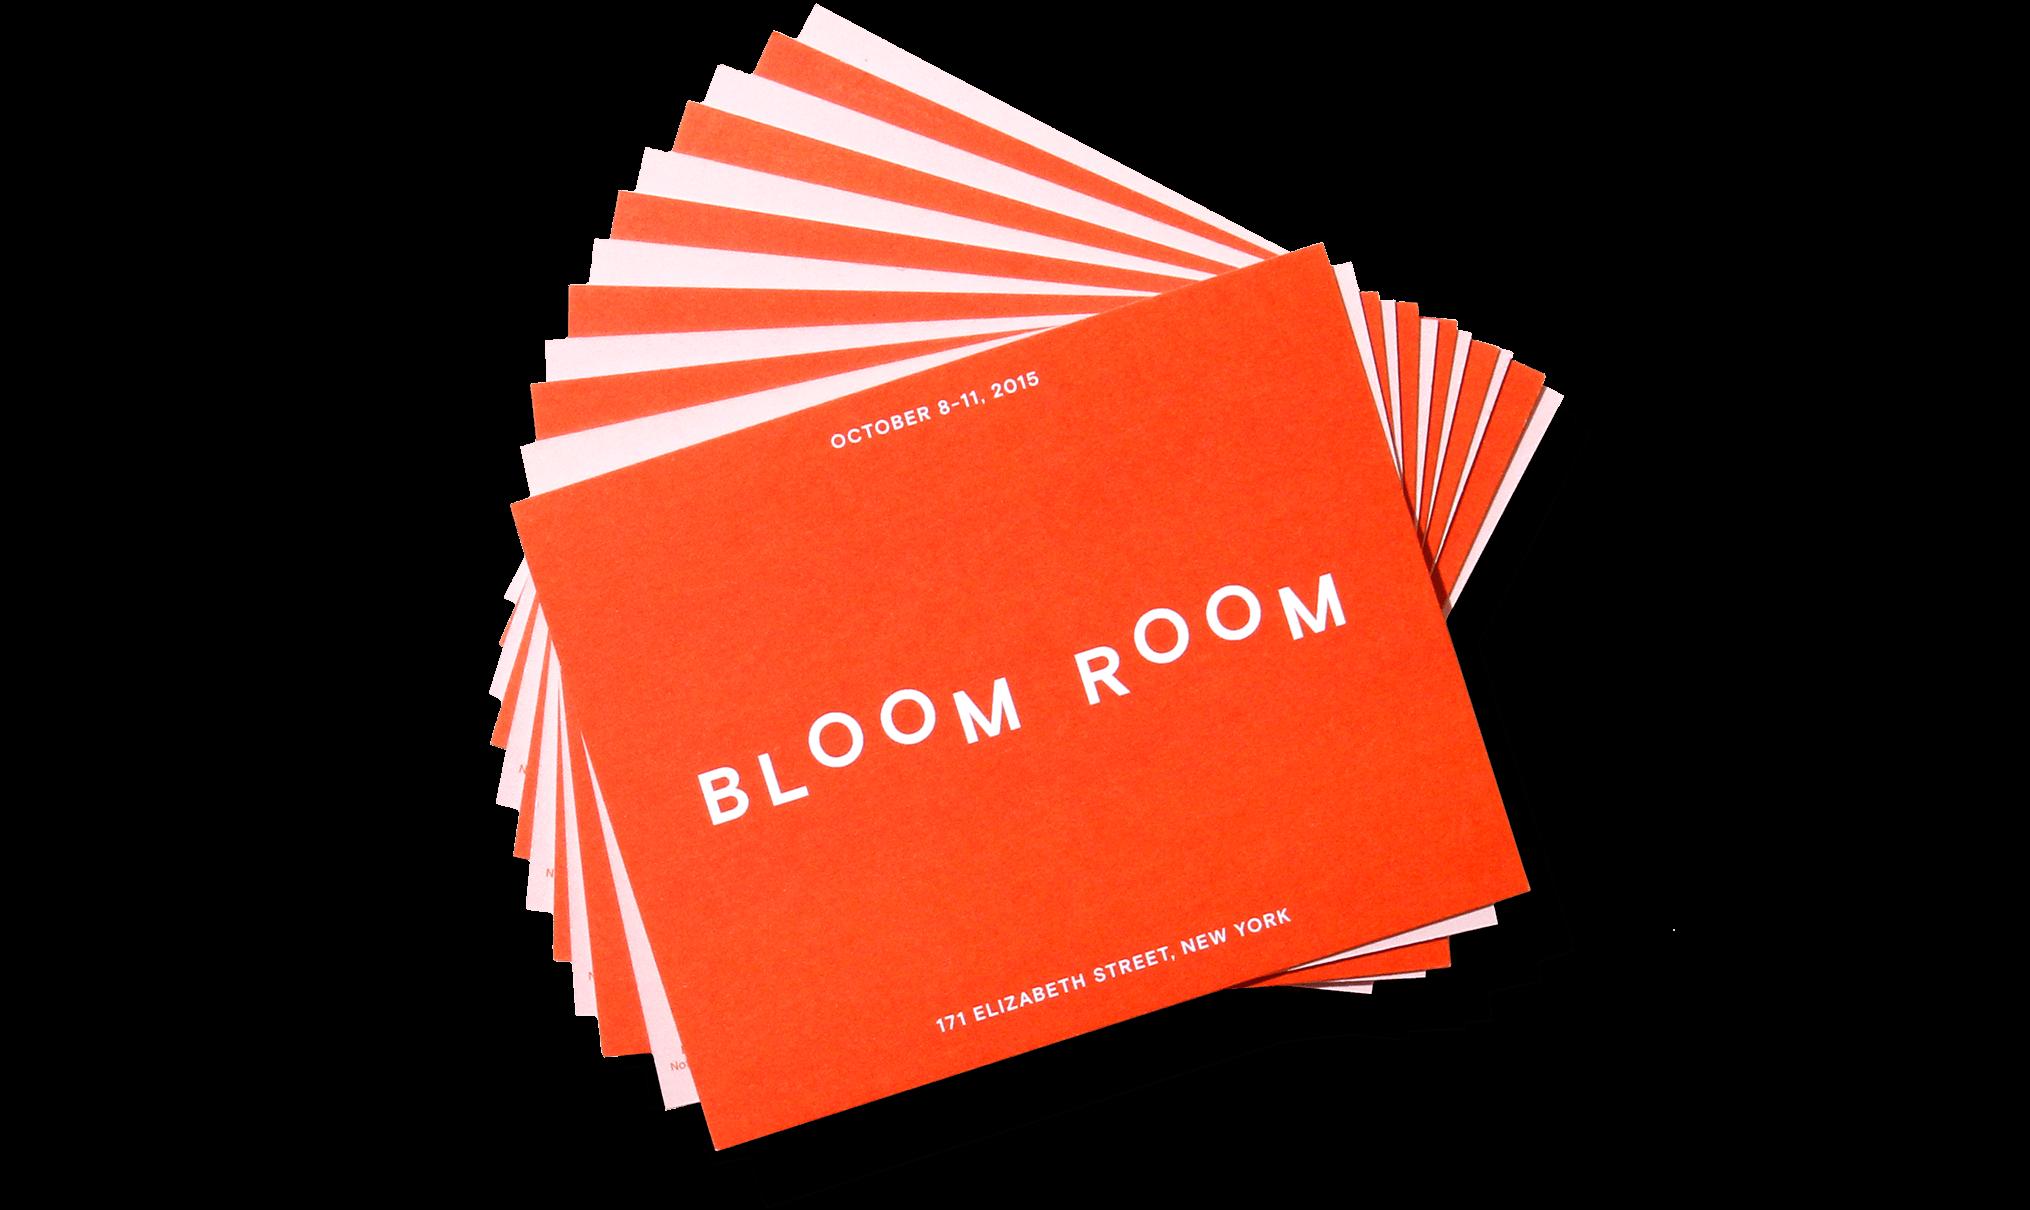 BloomRoom_LargeInset_CardFan_2030x1210